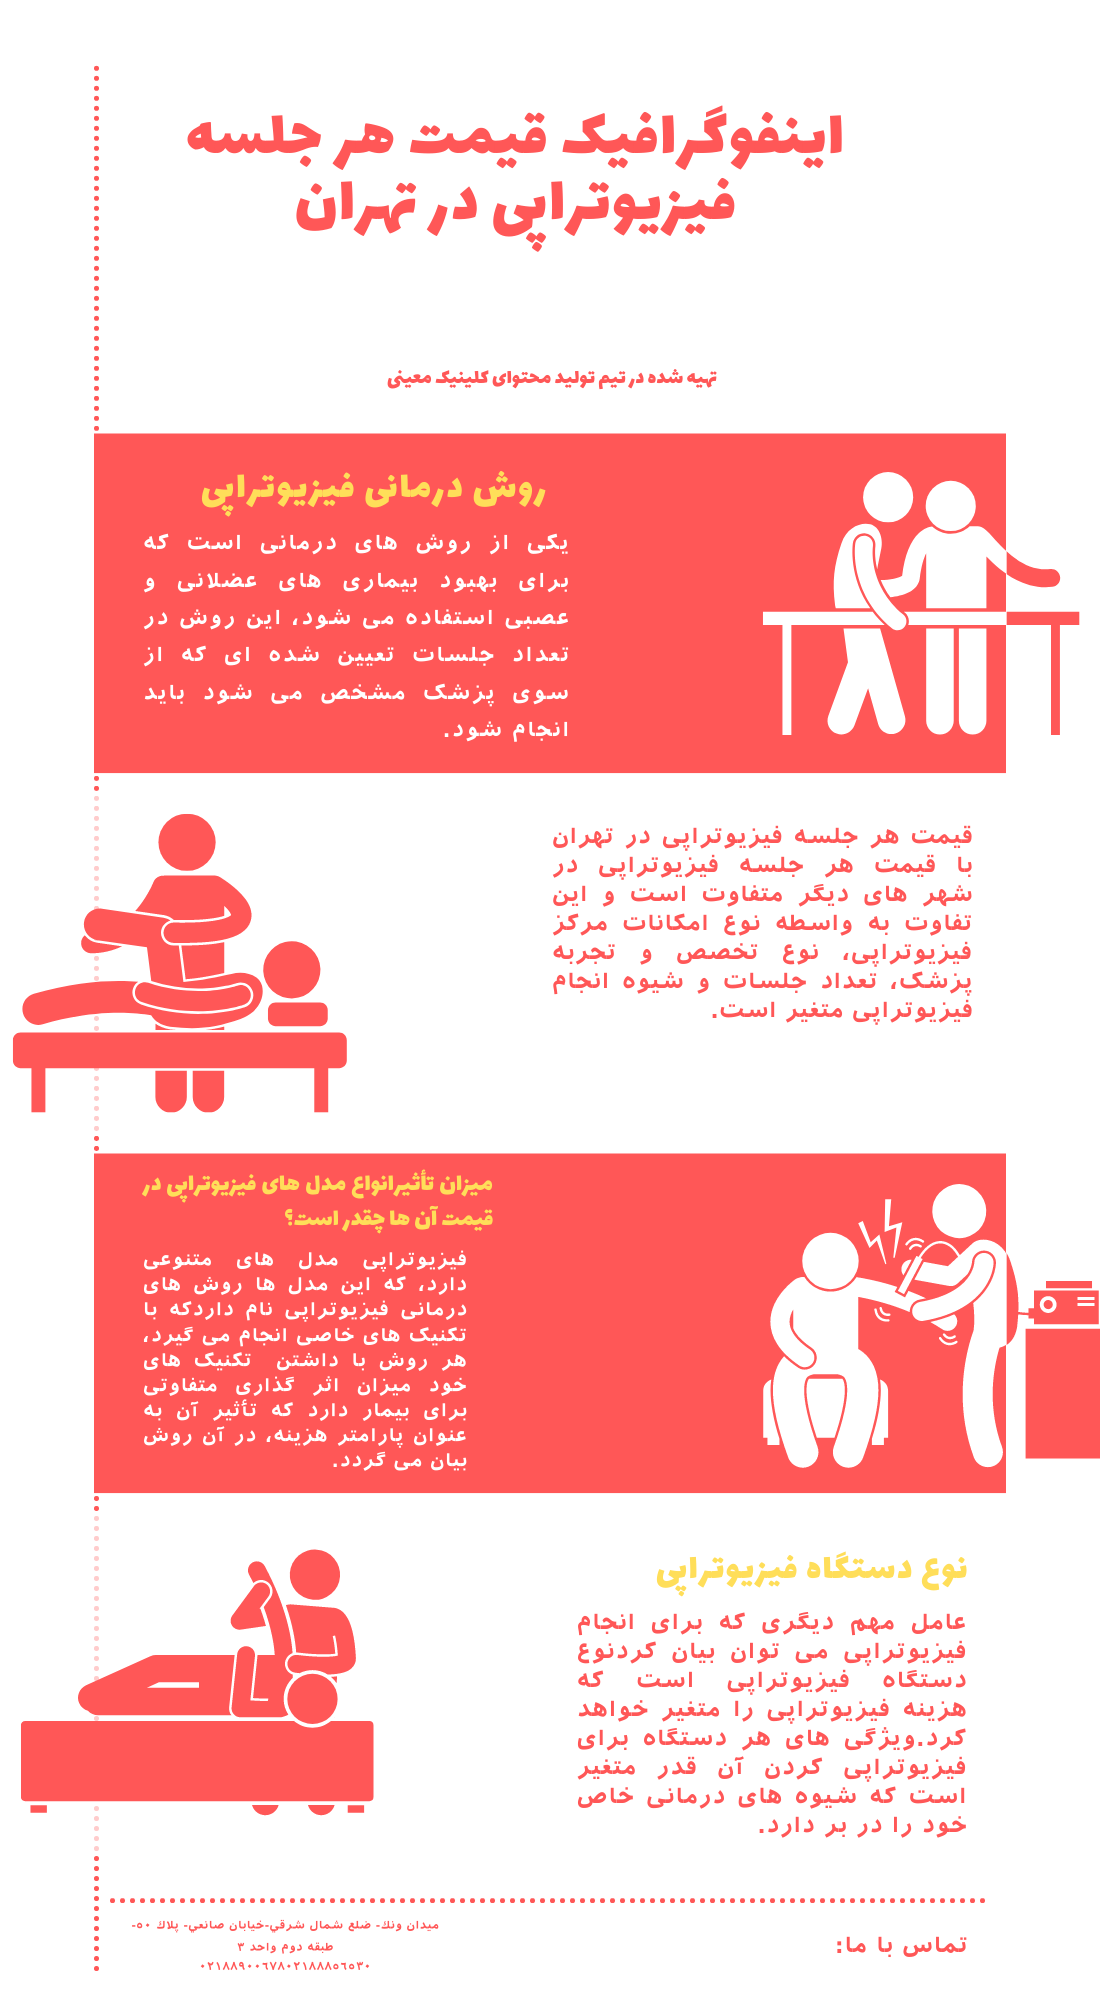 اینفوگرافیک قیمت هر جلسه فیزیوتراپی در تهران